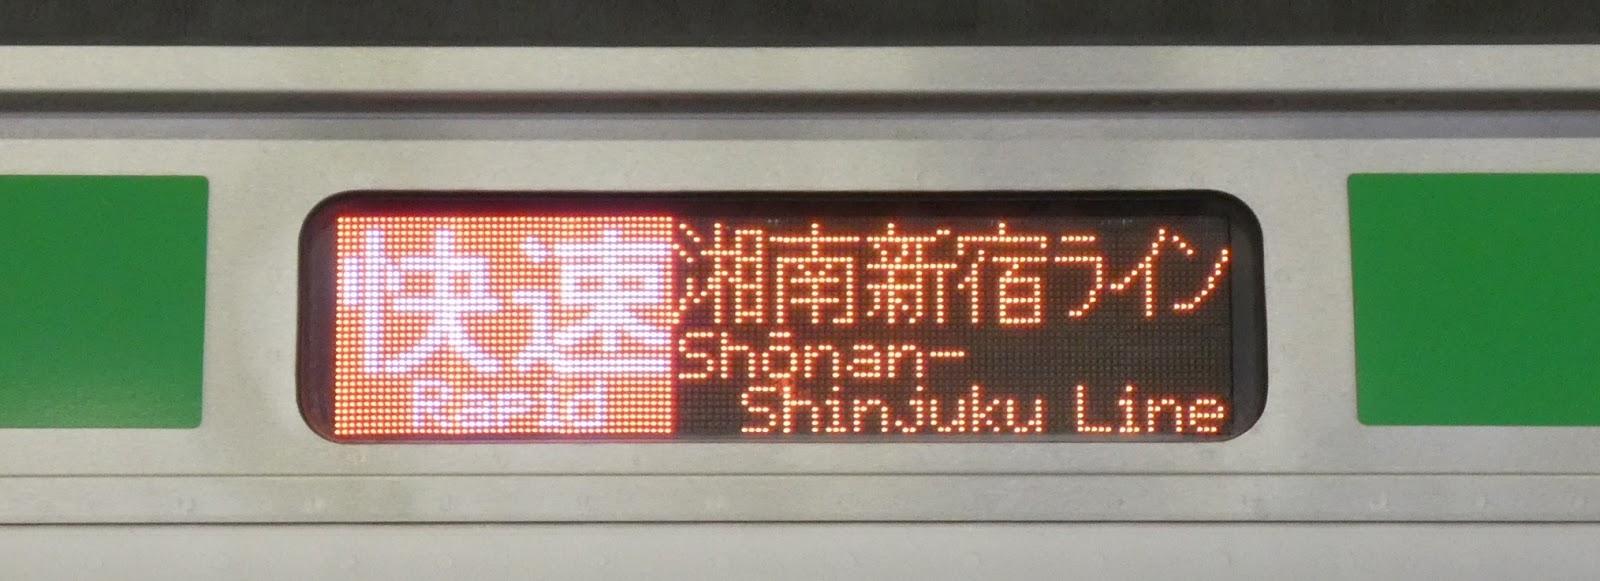 湘南新宿ライン 快速 大崎行き2 E233系(2018年 渋谷駅高架化工事に伴う運行)